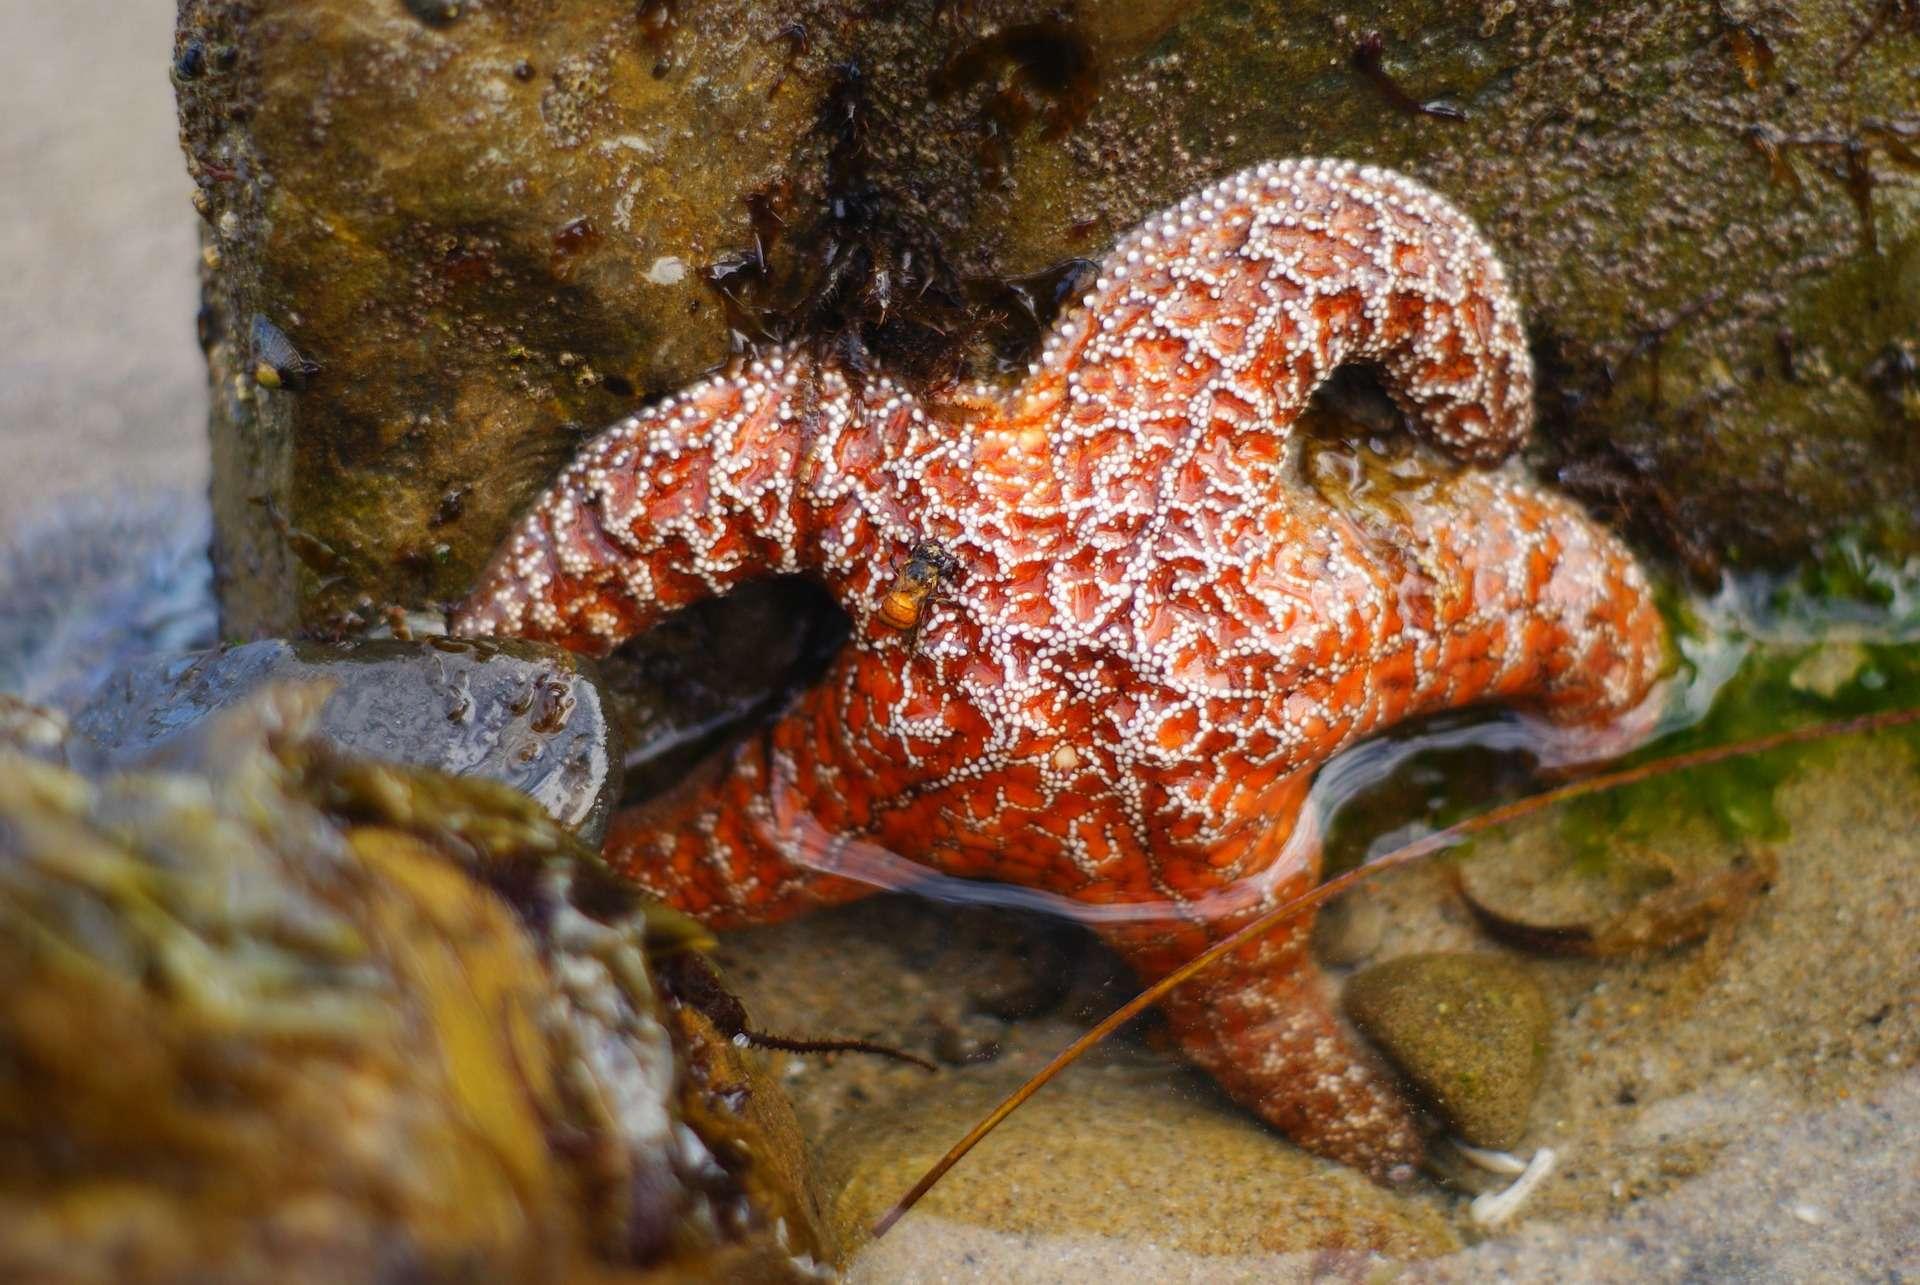 Les étoiles de mer sont victimes d'une mortalité massive due à la prolifération de matière organique dans l'océan. © emilycat27, Pixabay